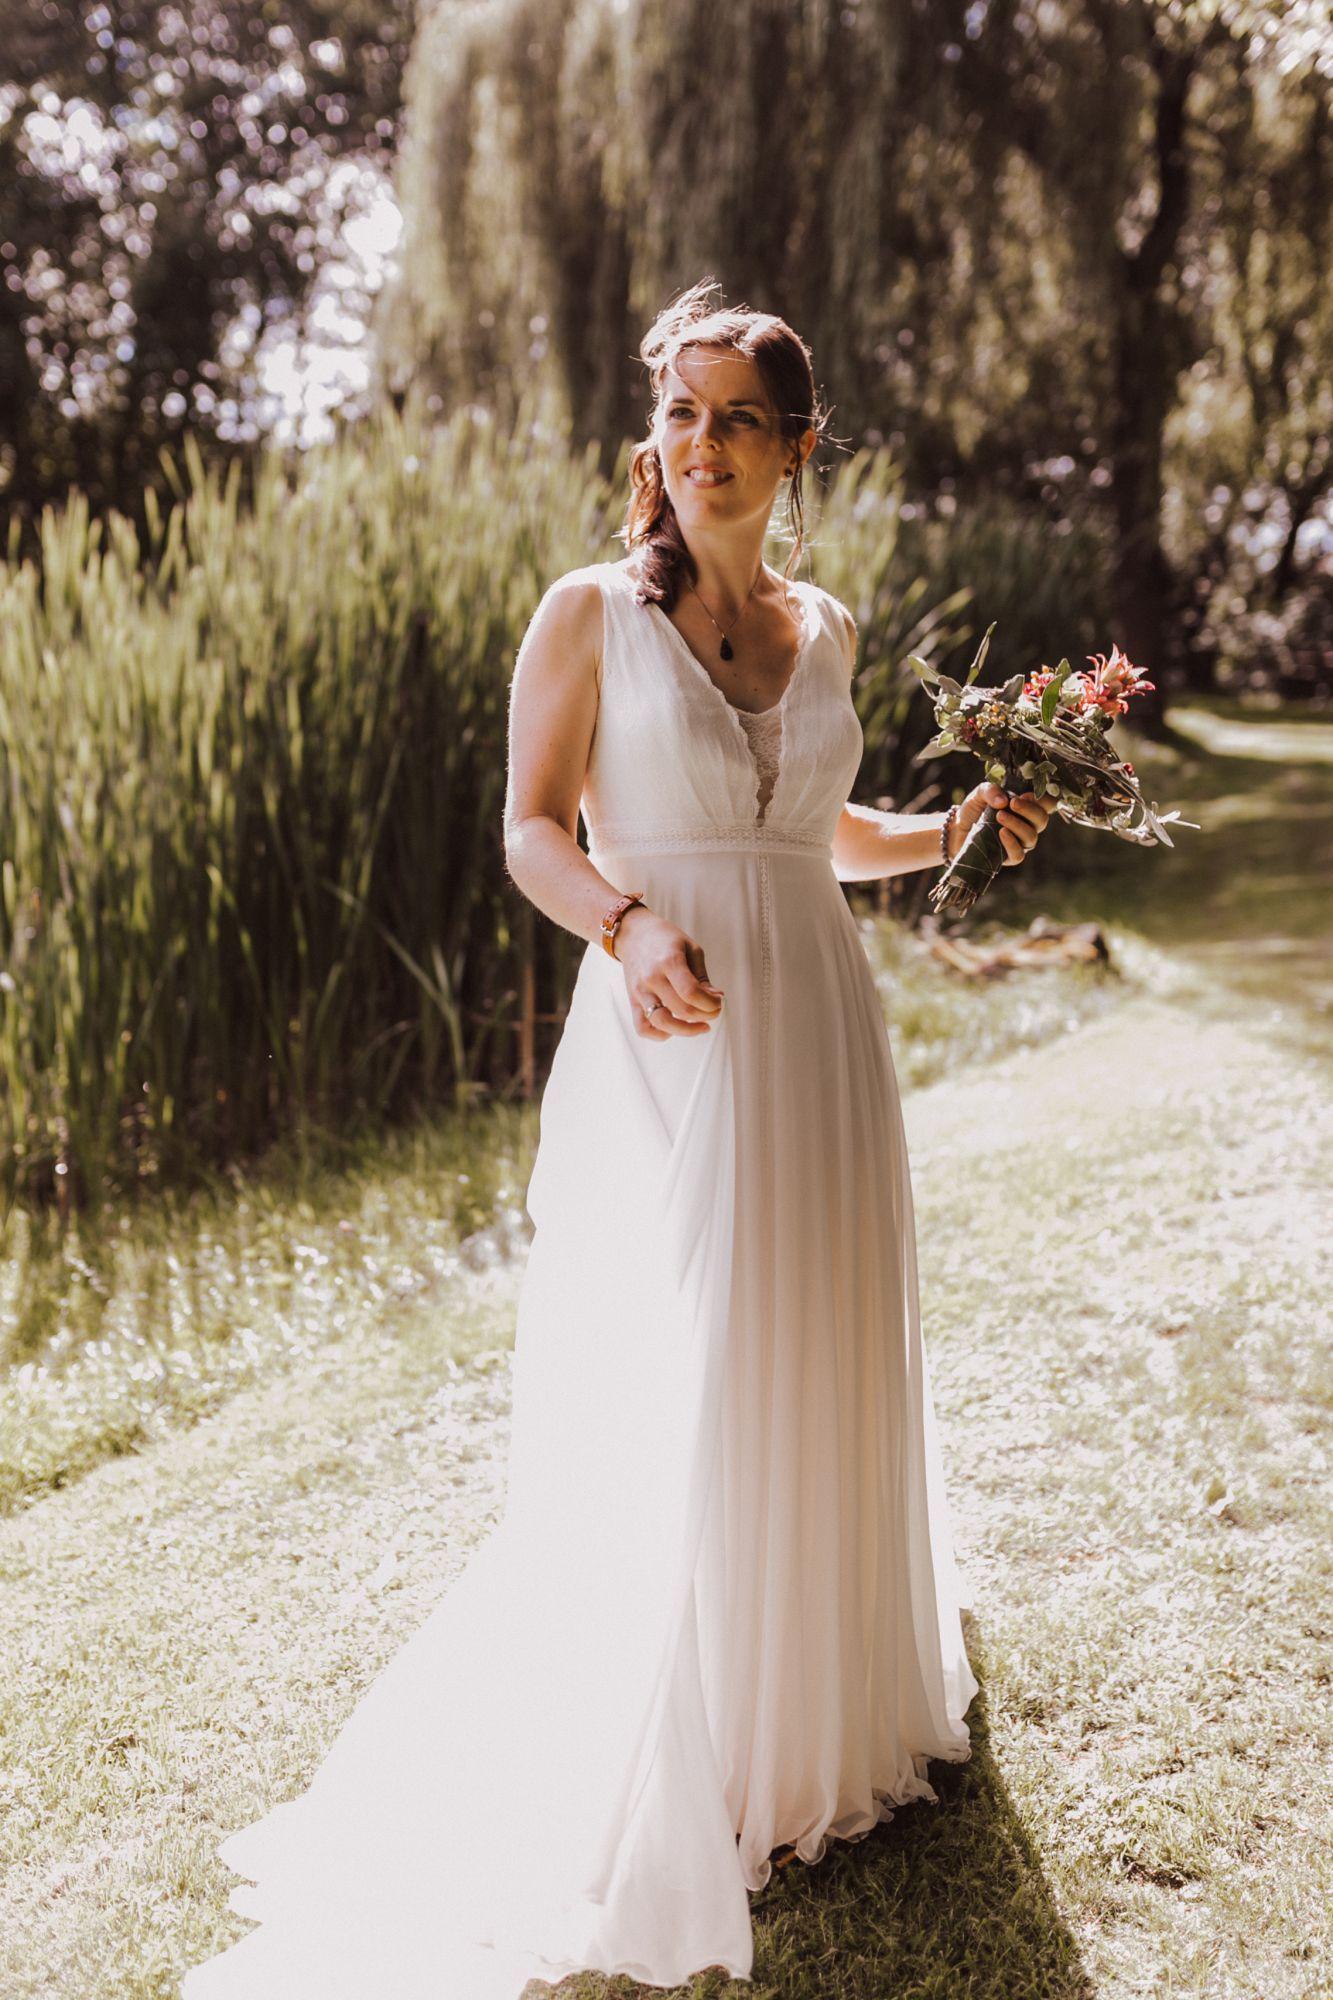 Brautkleid Feminine Rembo Styling Gebraucht 15 Euro VHB  Kleid